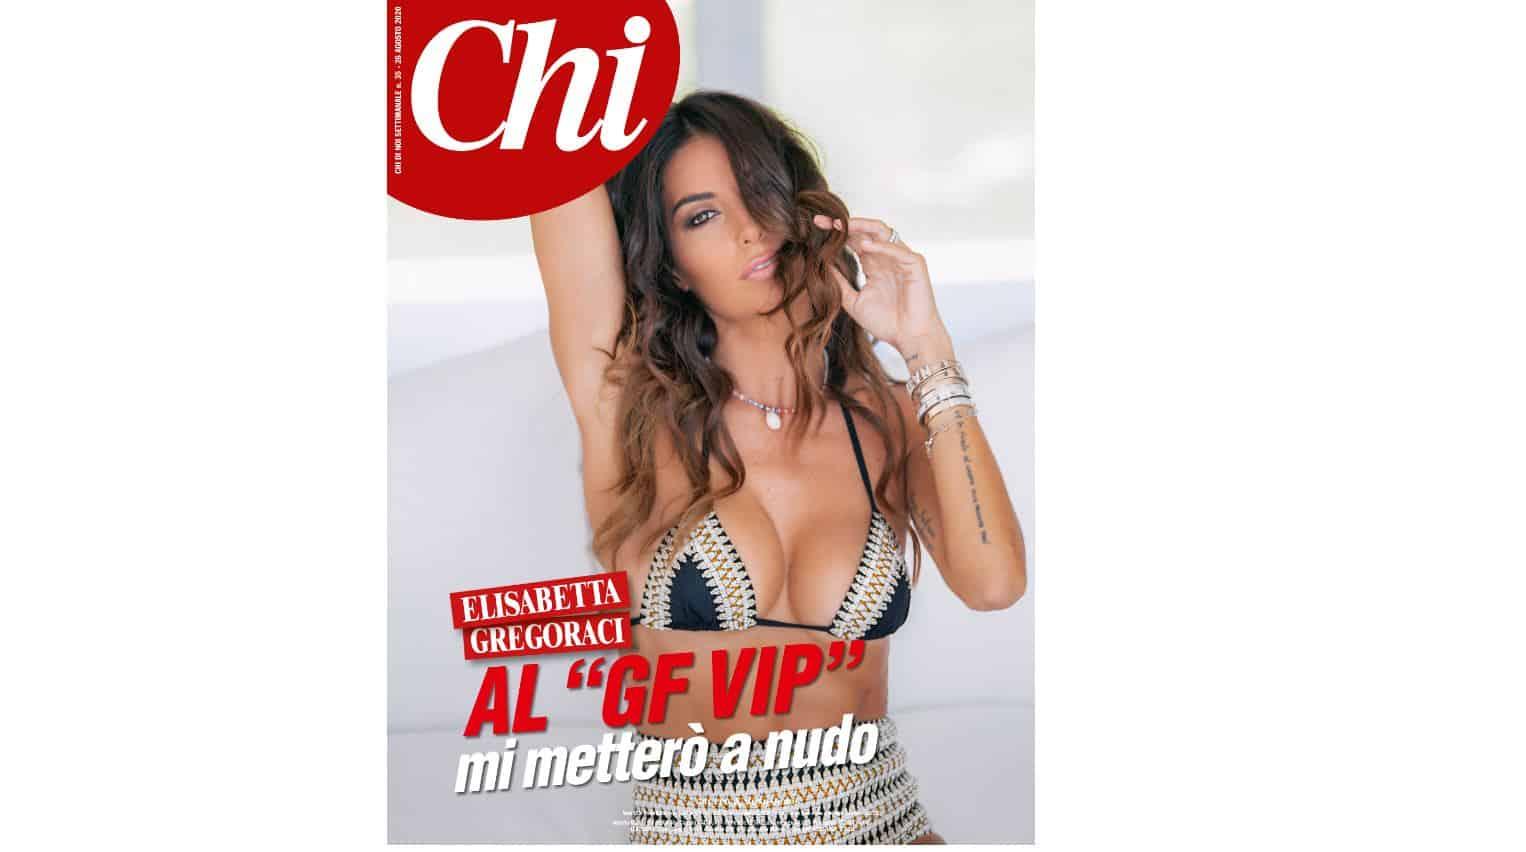 """Elisabetta Gregoraci su Chi prima delle notizia di Briatore: """"Entro nella casa da single, mi metterò a nudo"""""""